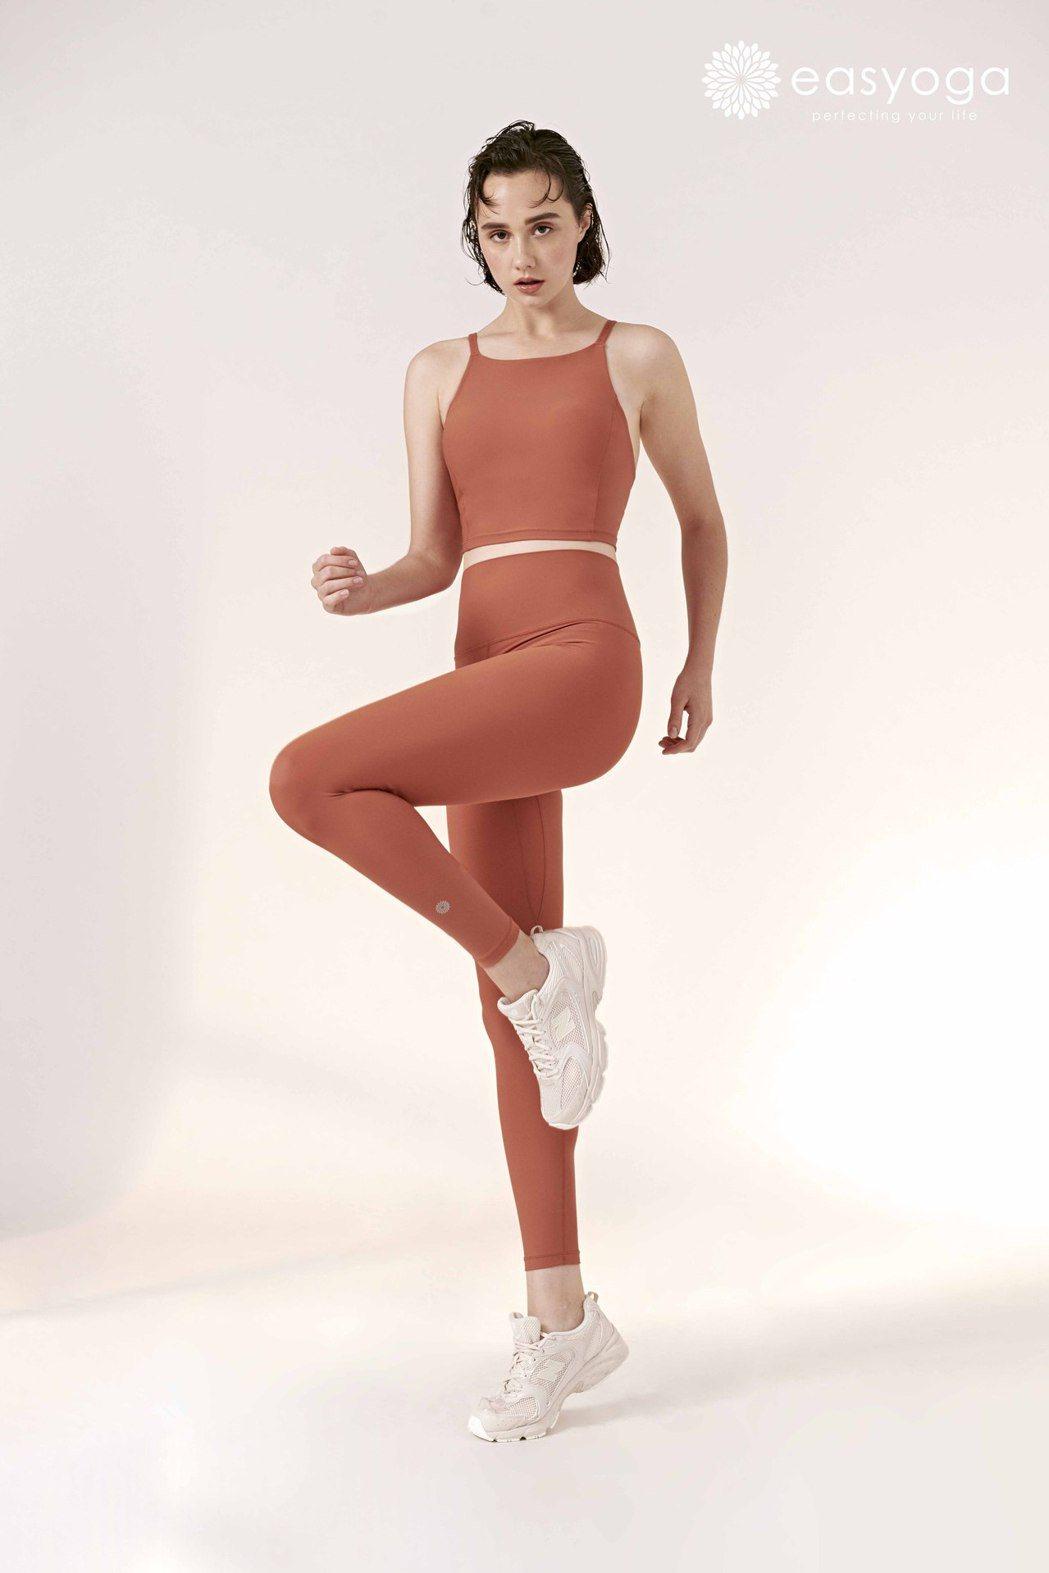 磁磚橘高平領低背背心。 easyoga/提供